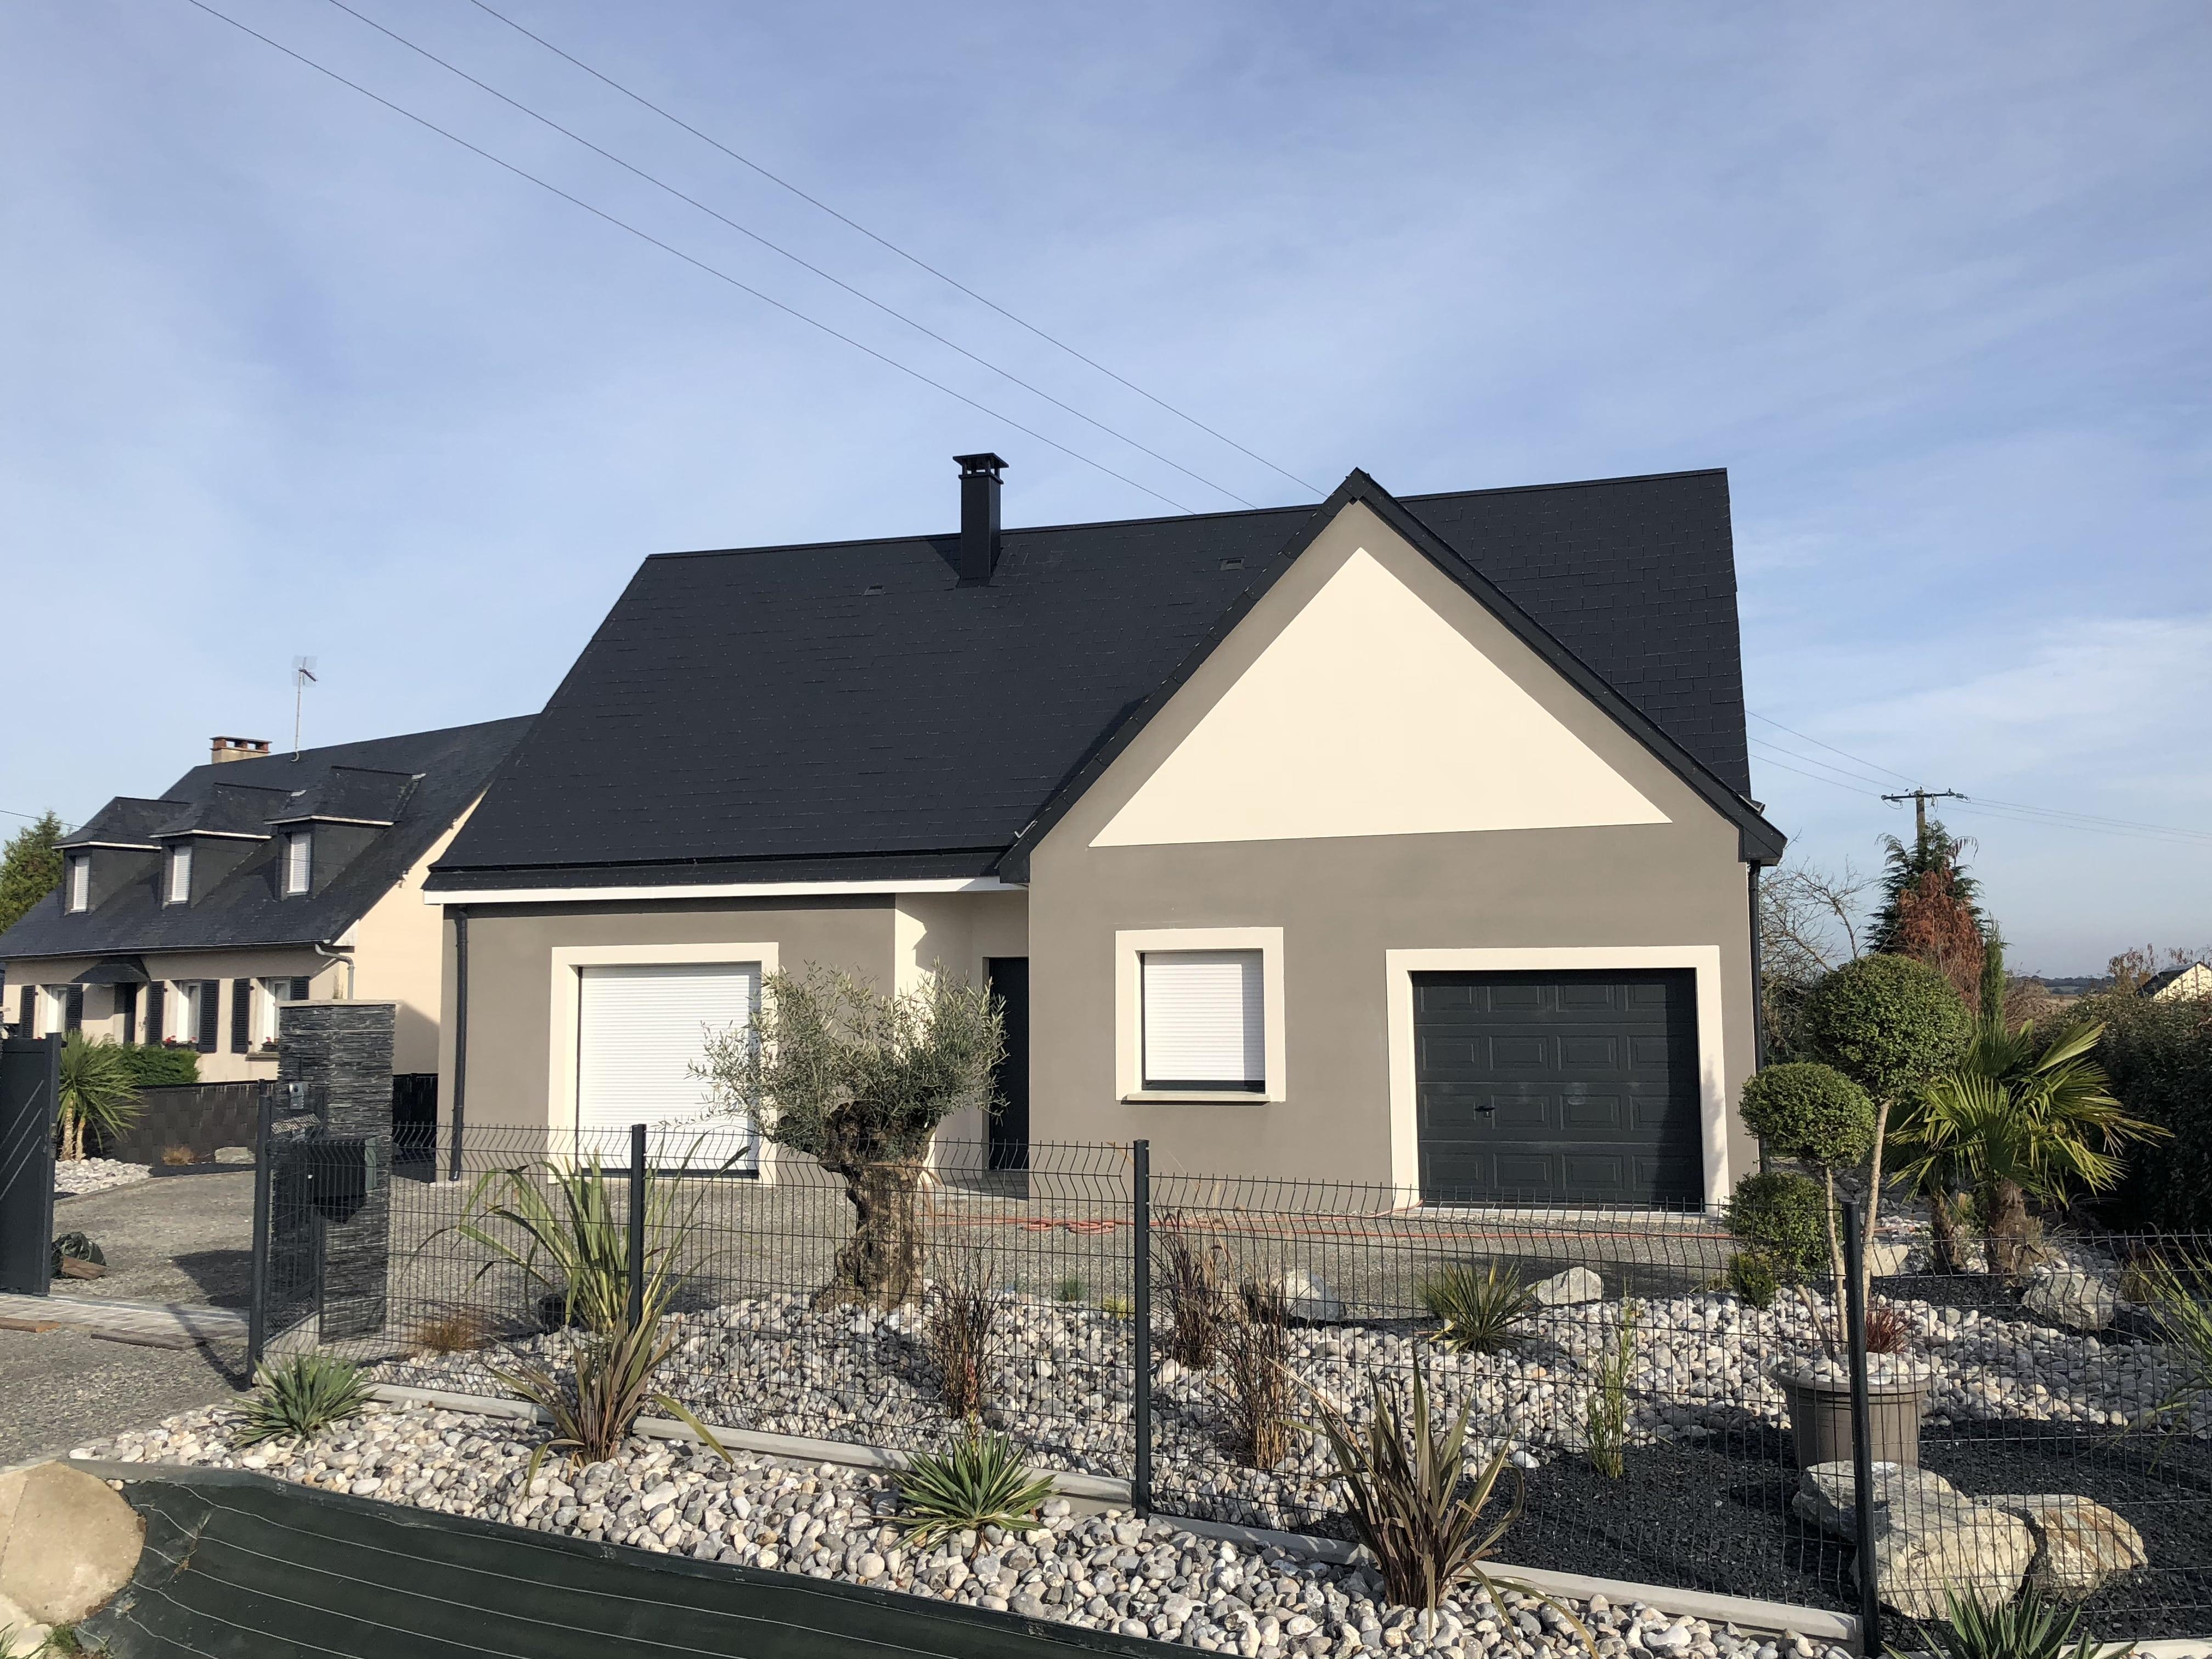 Constructeur maisons individuelles Caen-LOUNGE Bi-TON